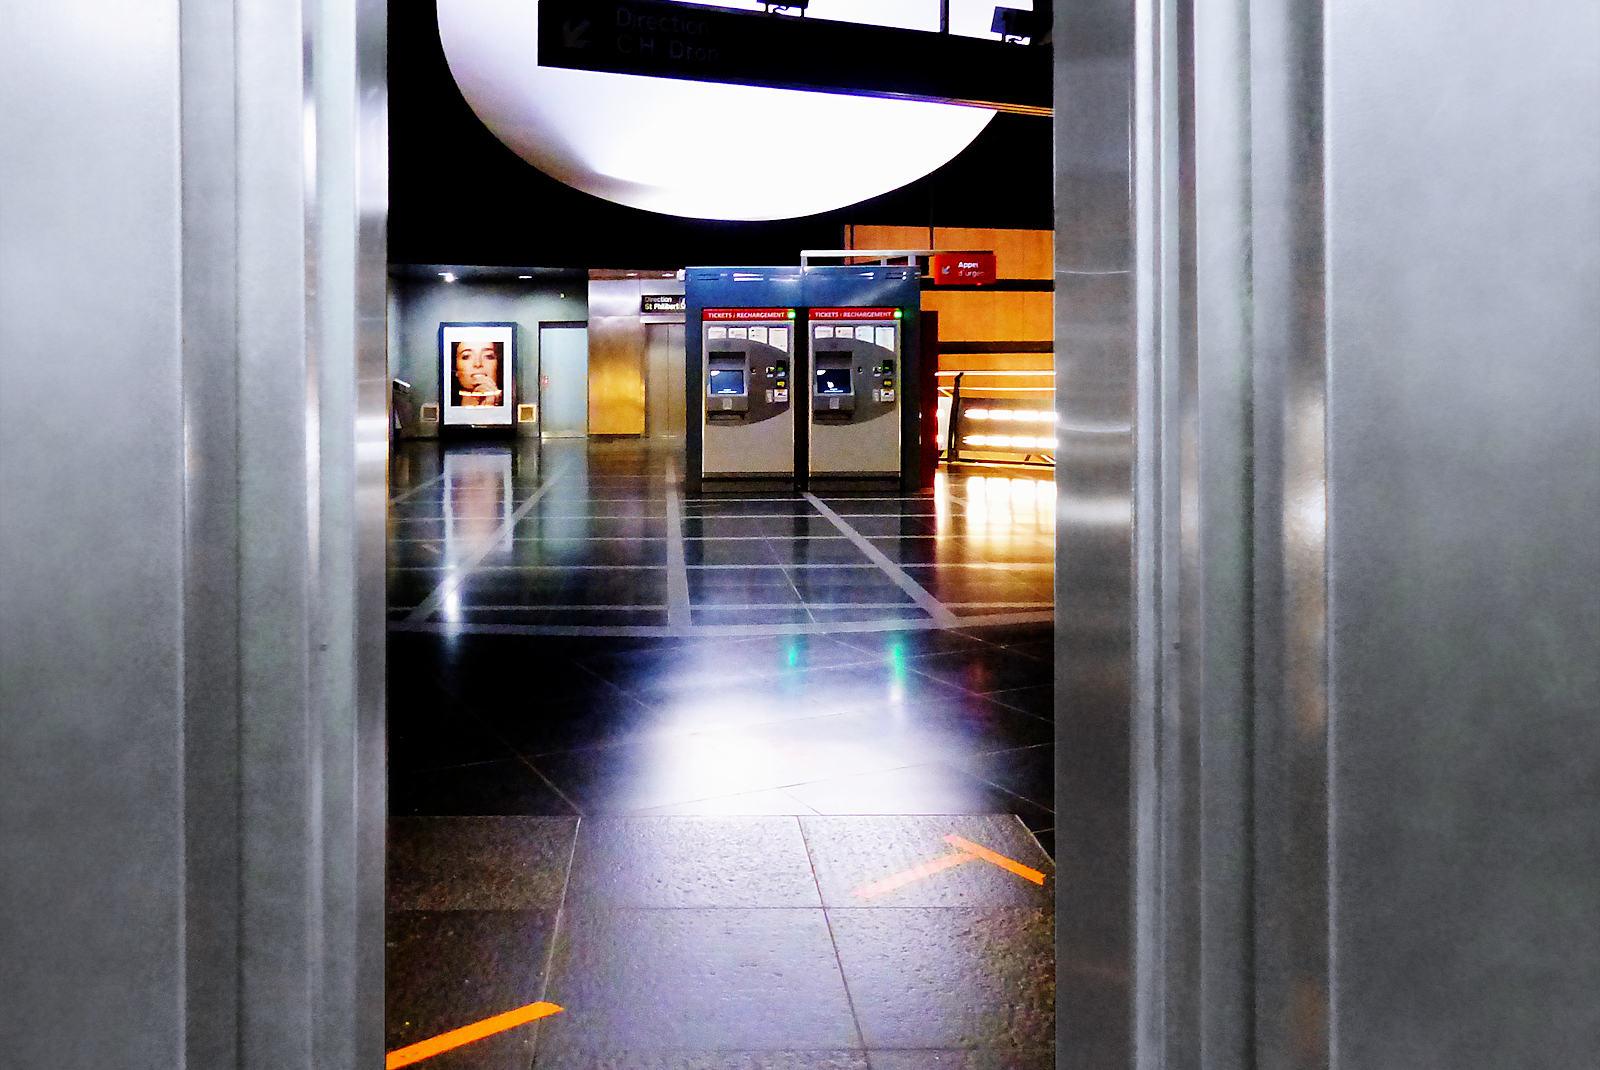 Métro Mercure, Tourcoing - Ascenseur